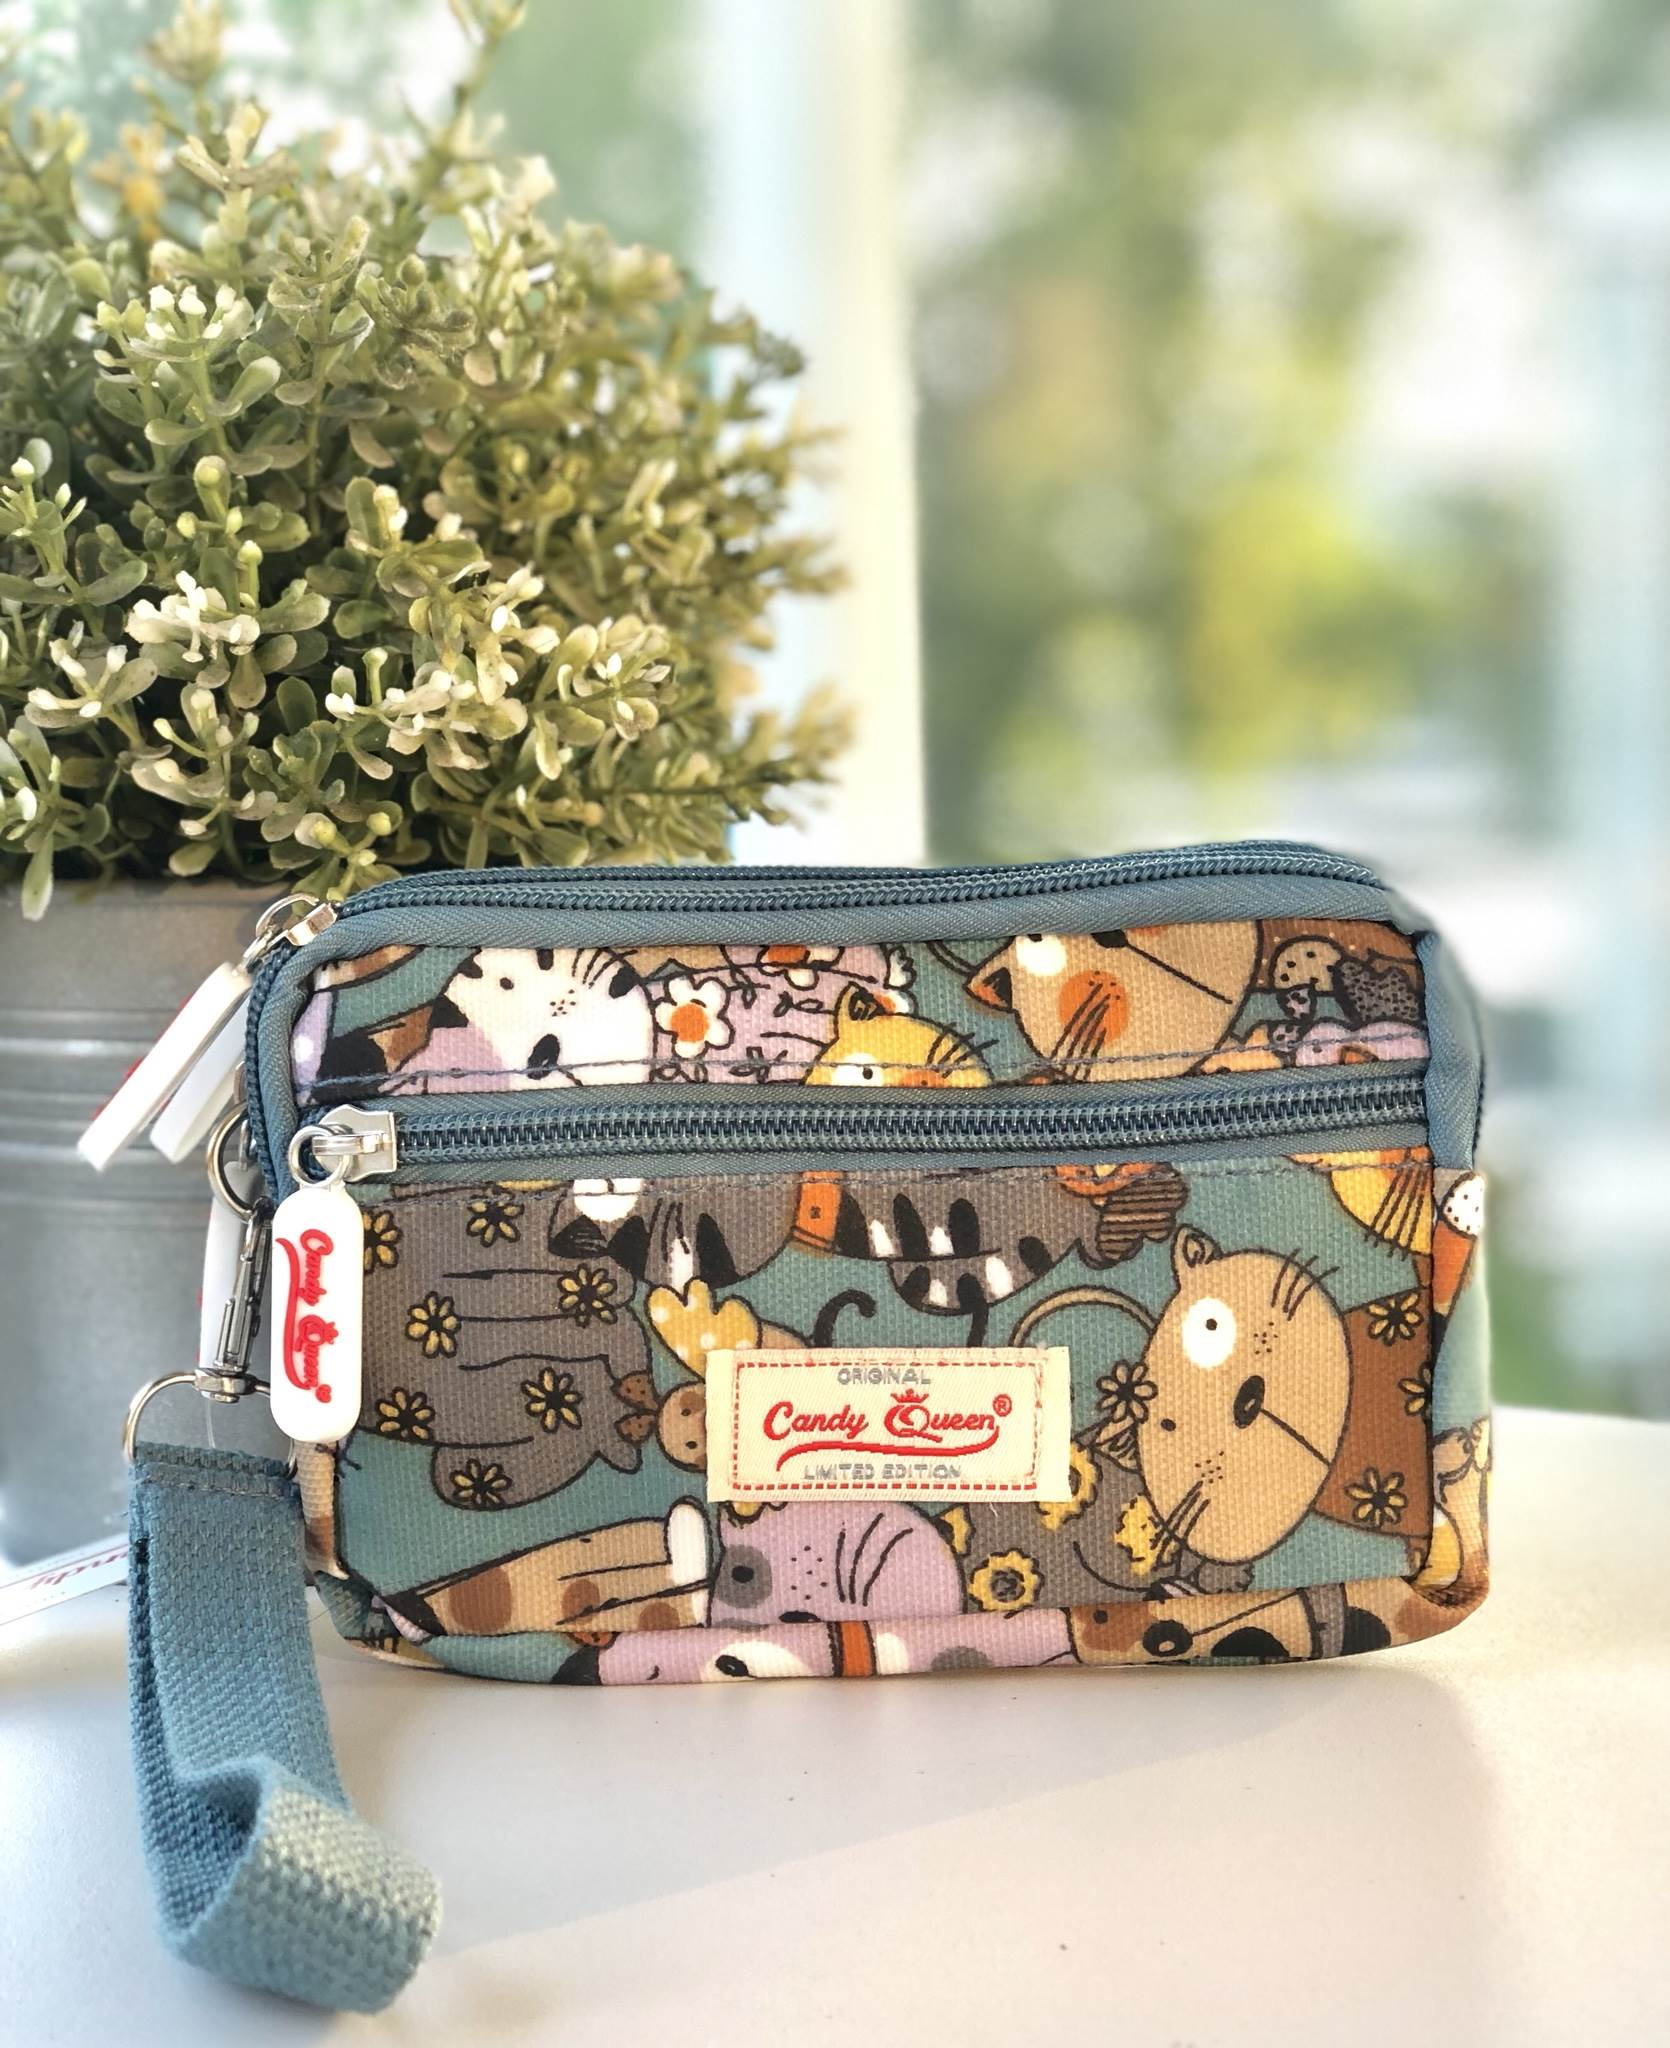 กระเป๋า5ือคล้องมือ 3 ซิป + 1 ซิปหน้า